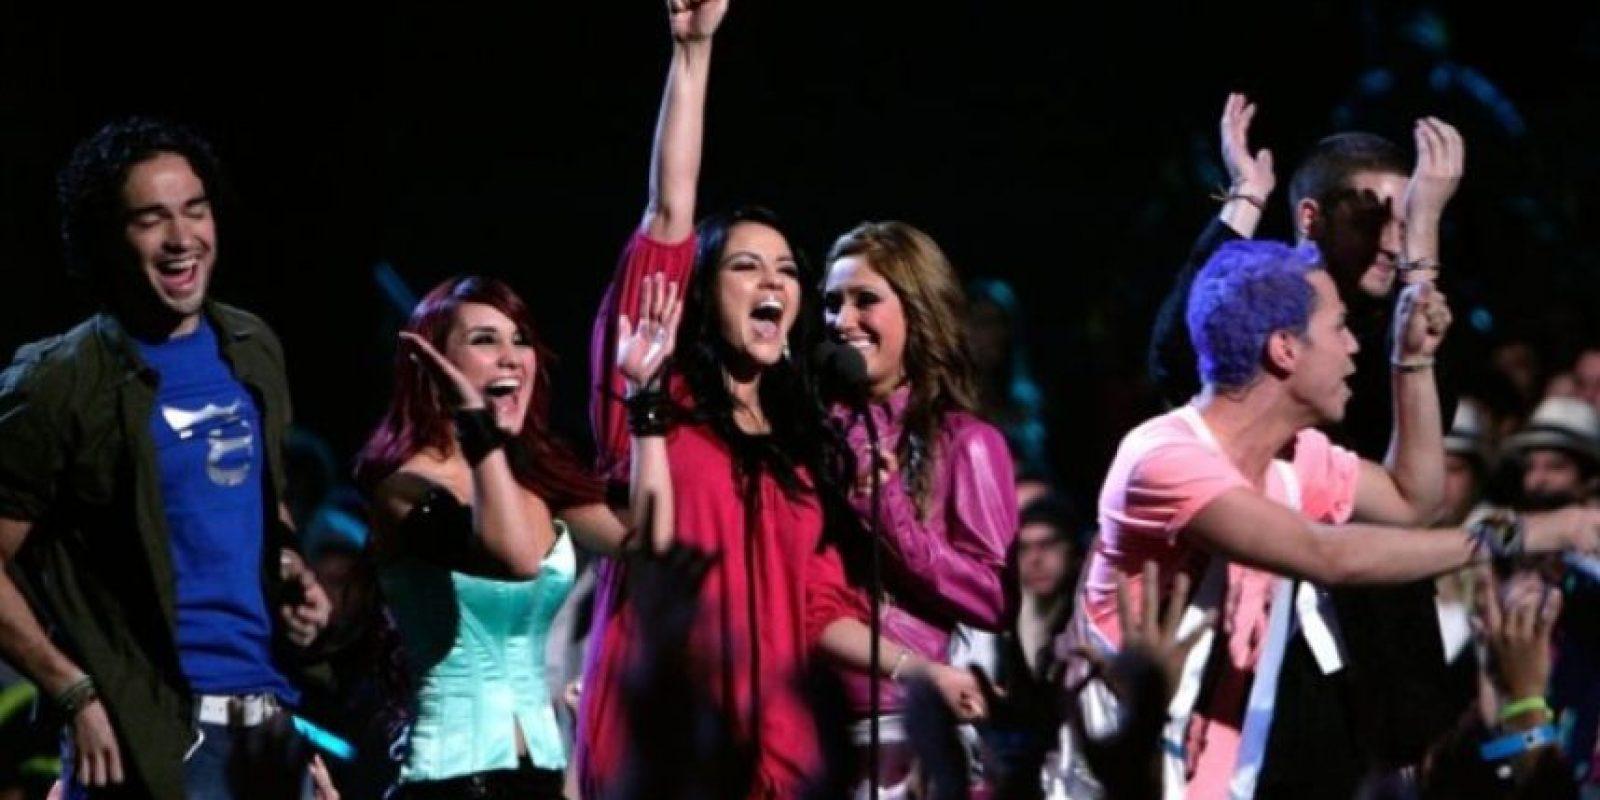 7. RBD consiguió numerosas nominaciones y galardones en premiaciones como: los Grammys Latinos, Premios Juventud, Billboard Latin Music Awards, Premios Lo Nuestro, entre otros. Foto:Getty Images